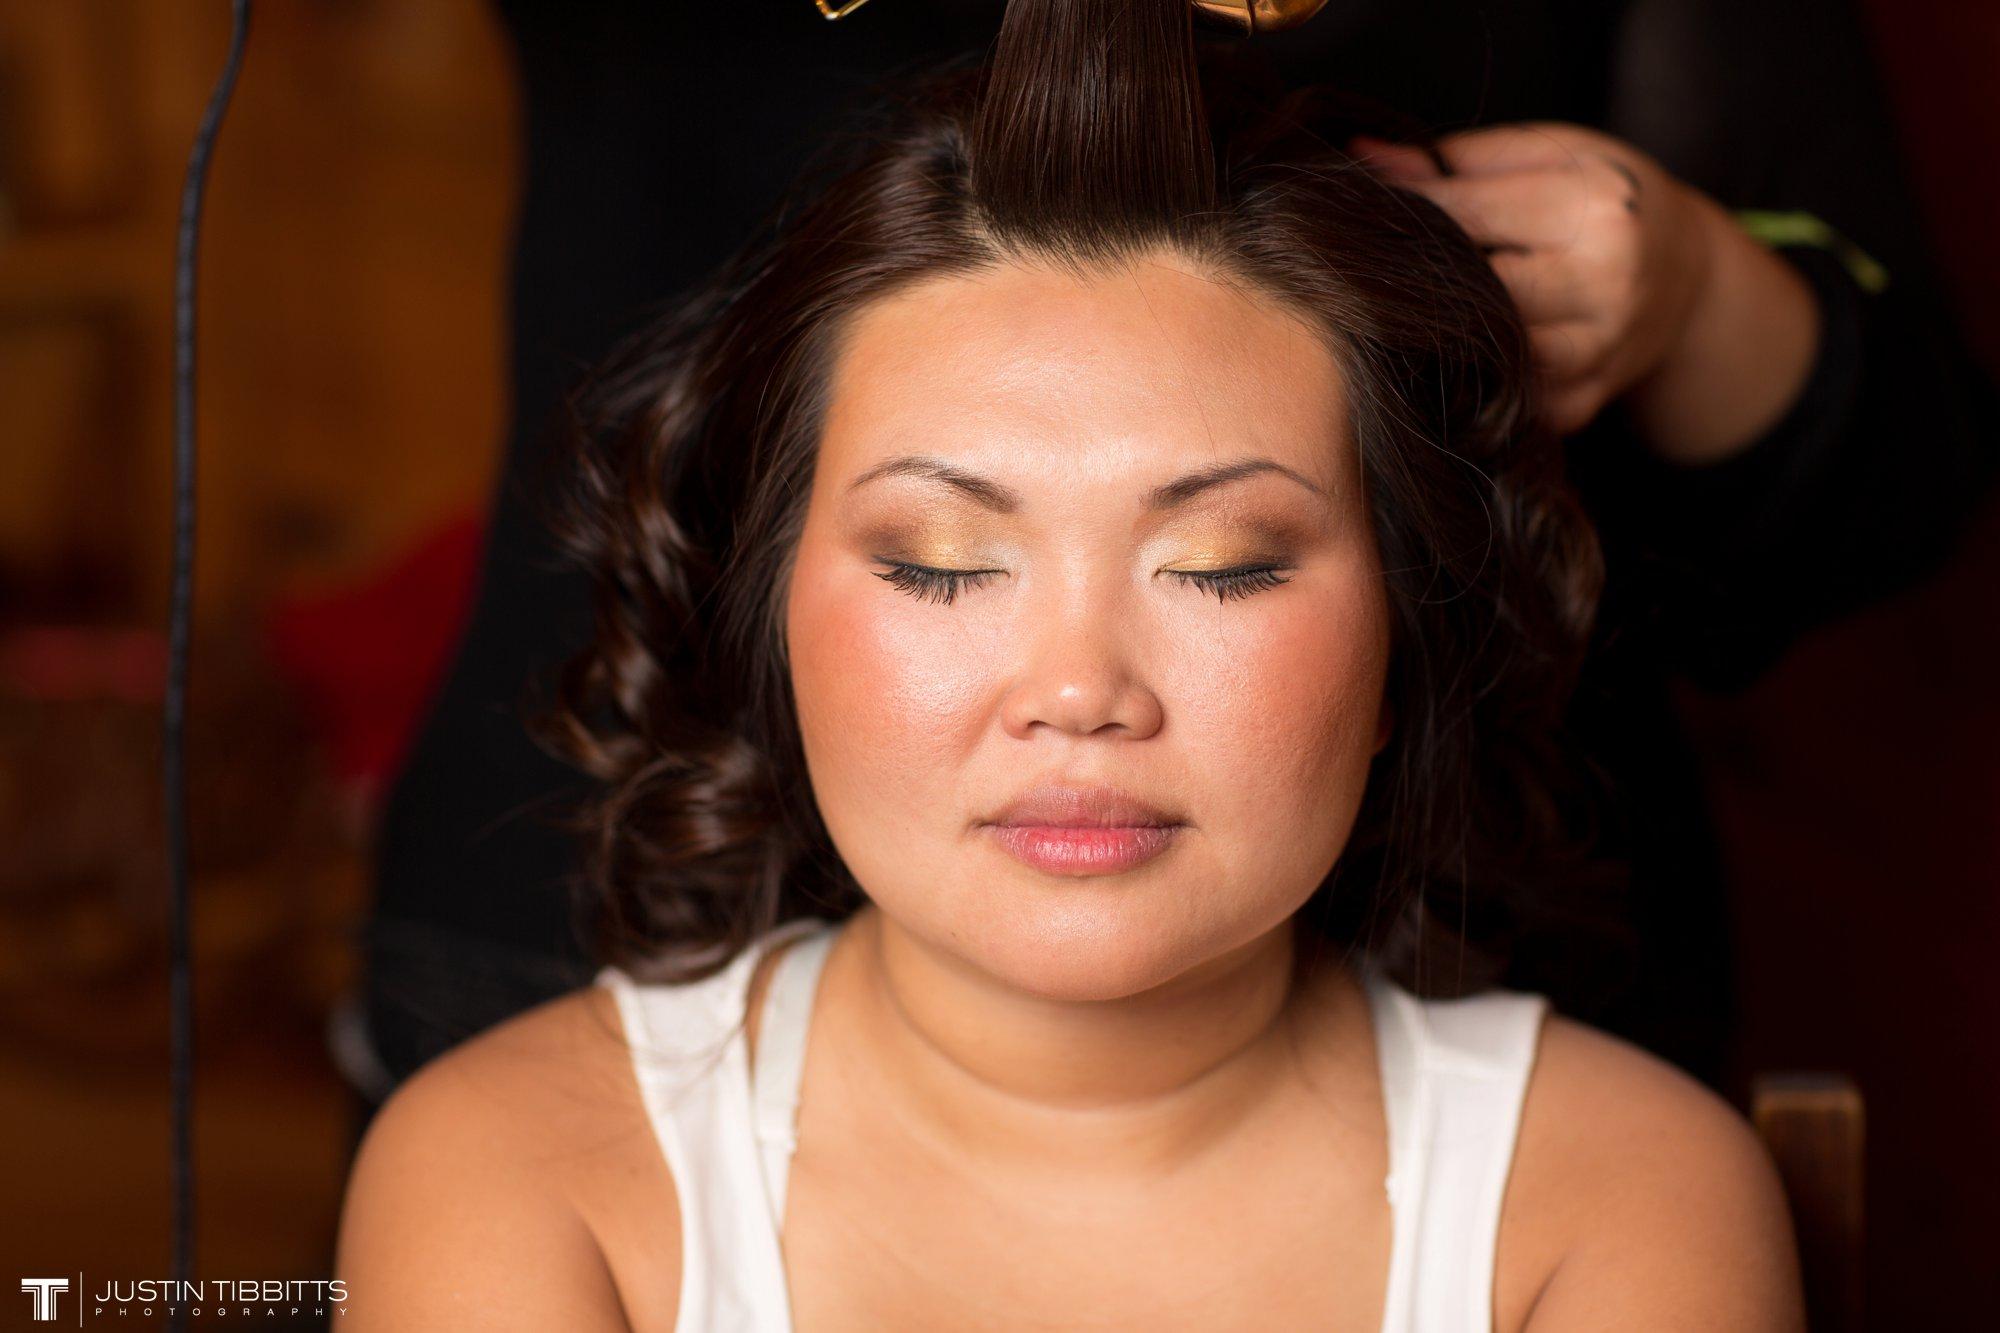 Justin Tibbitts Photography Uva Melody Lodge, NY Wedding-2